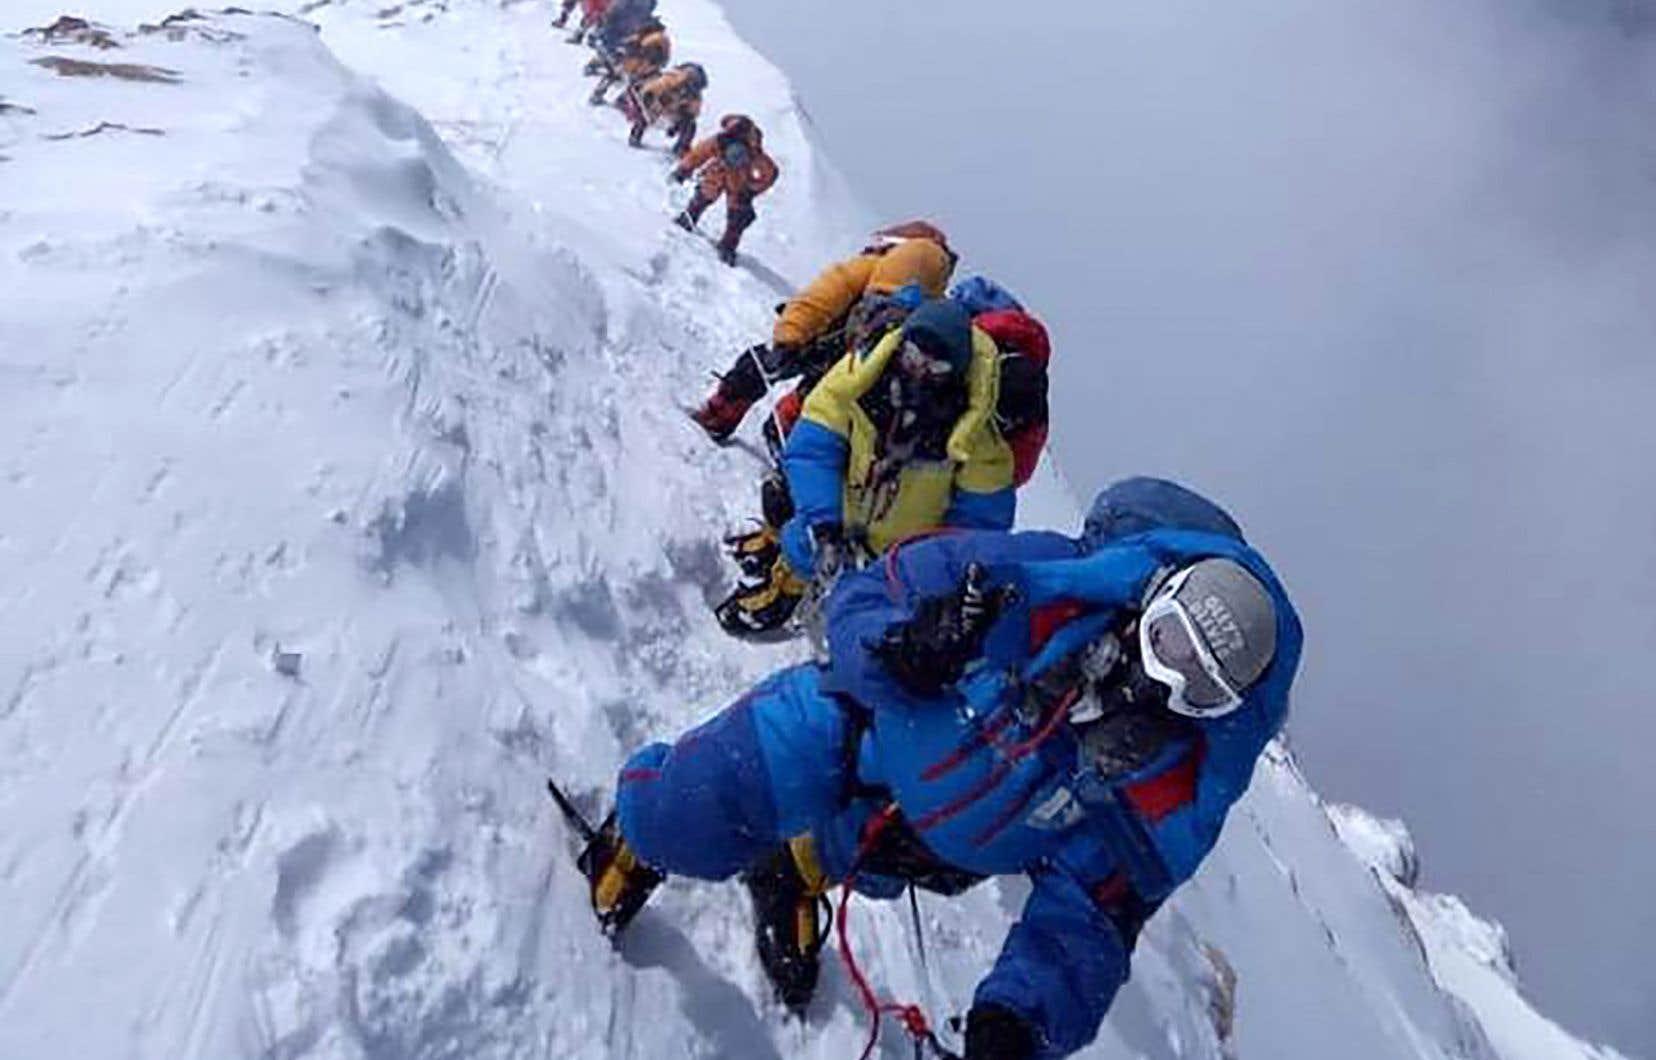 Des alpinistes photographiés en mai 2018 sur la face sud du mont Everest